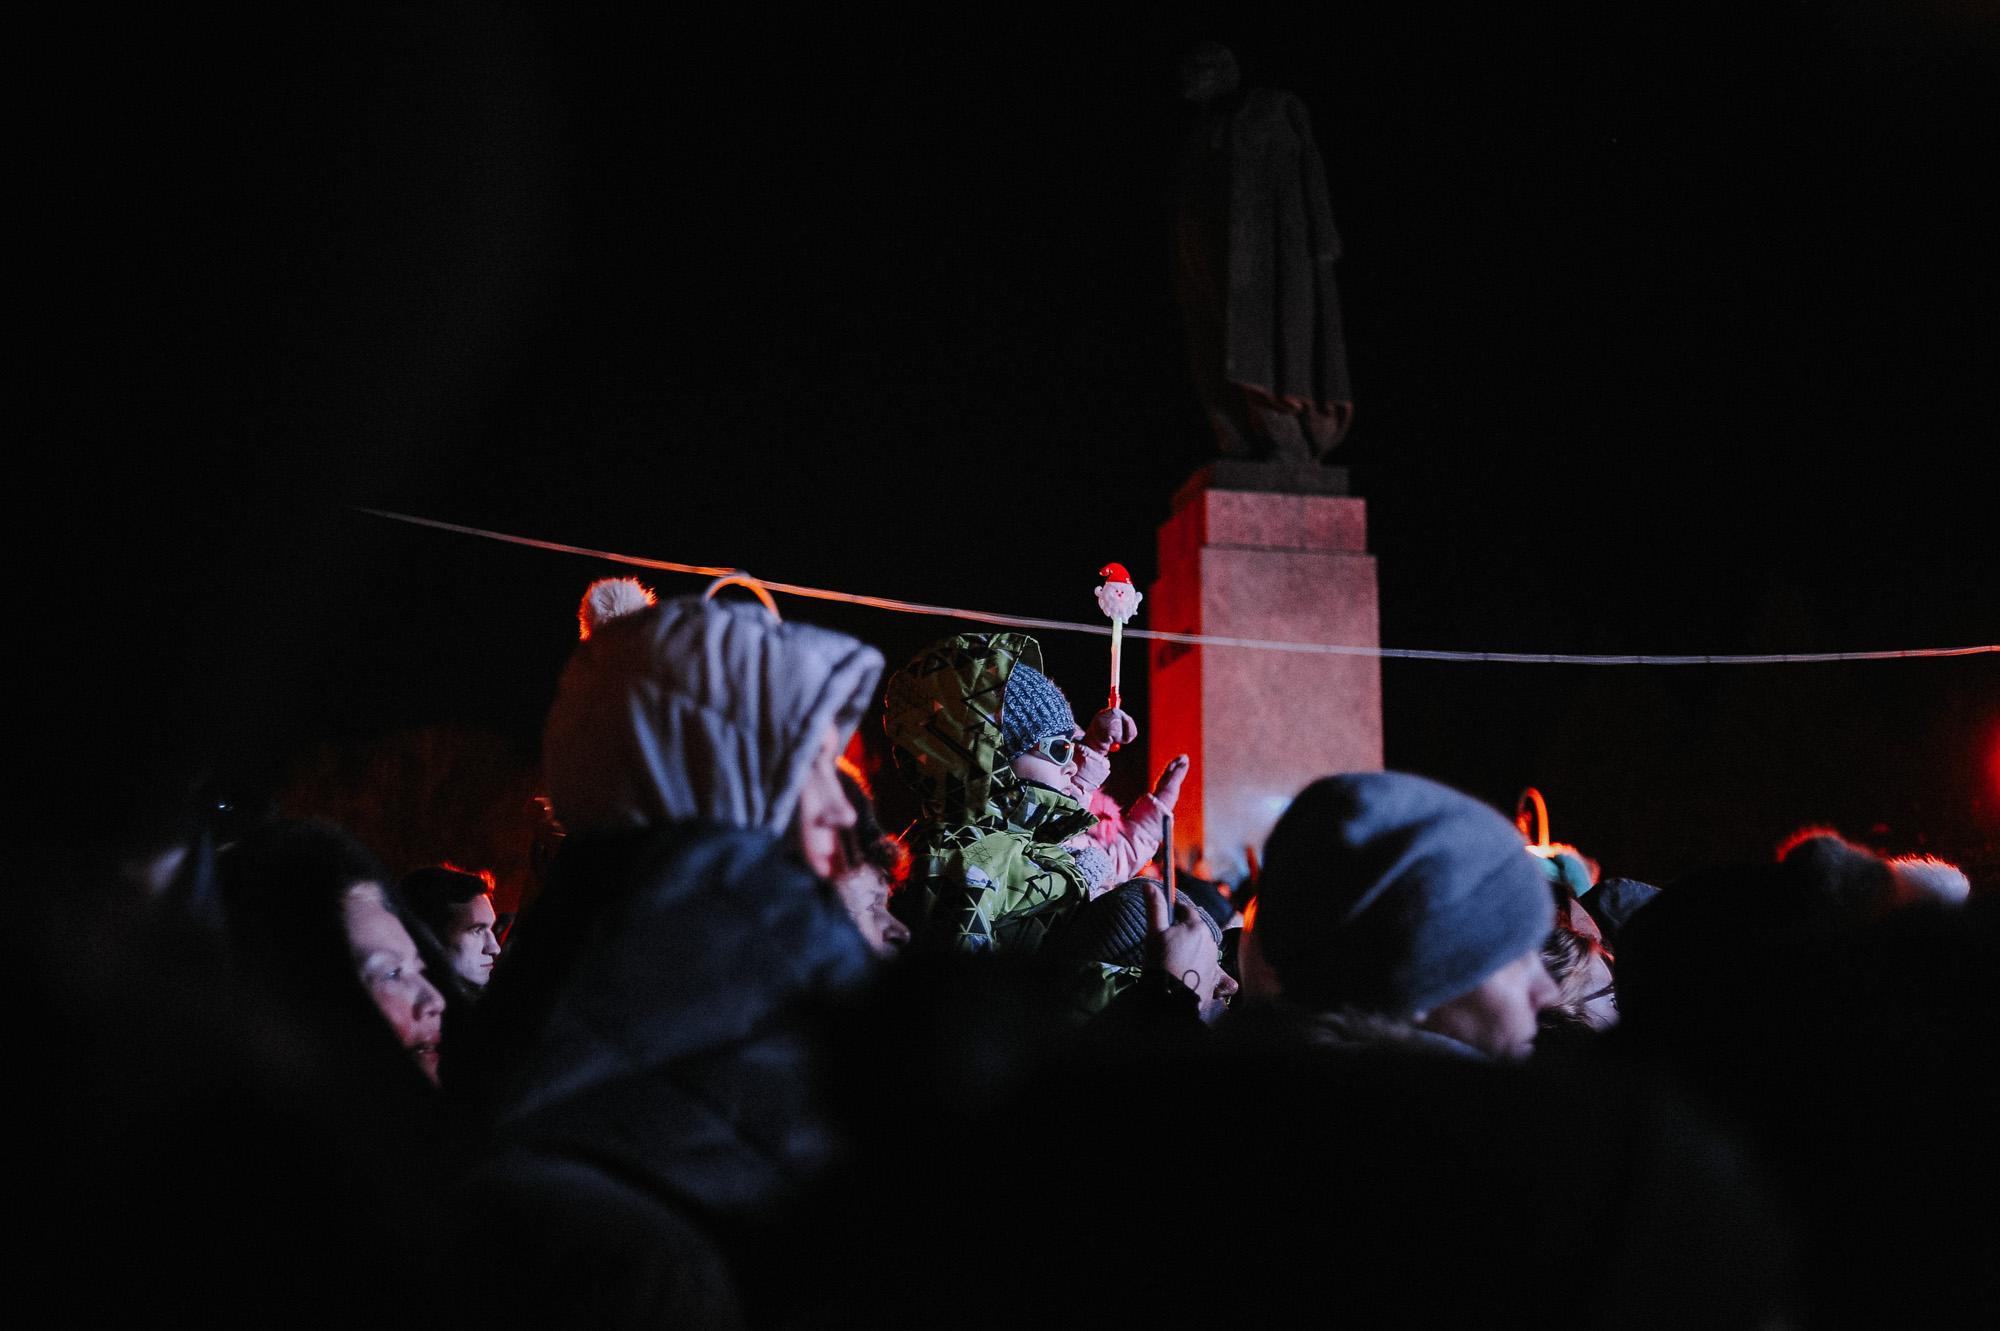 ZZZ 6963 В Астрахани на площади Ленина зажгли новогоднюю елку: кадры торжества